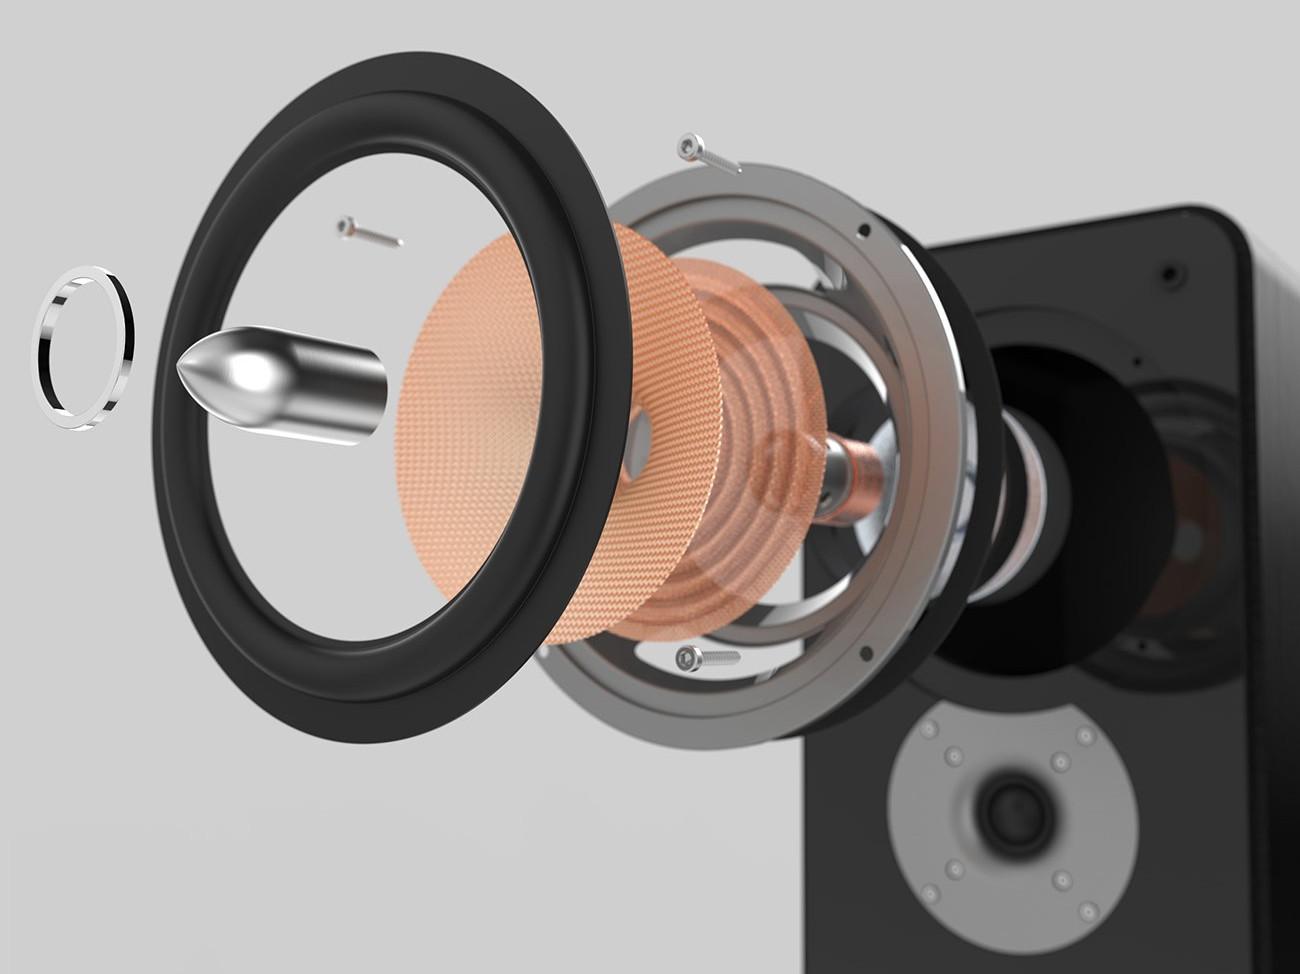 Leistungstarker Lautsprecher mit starker Watt Leistung